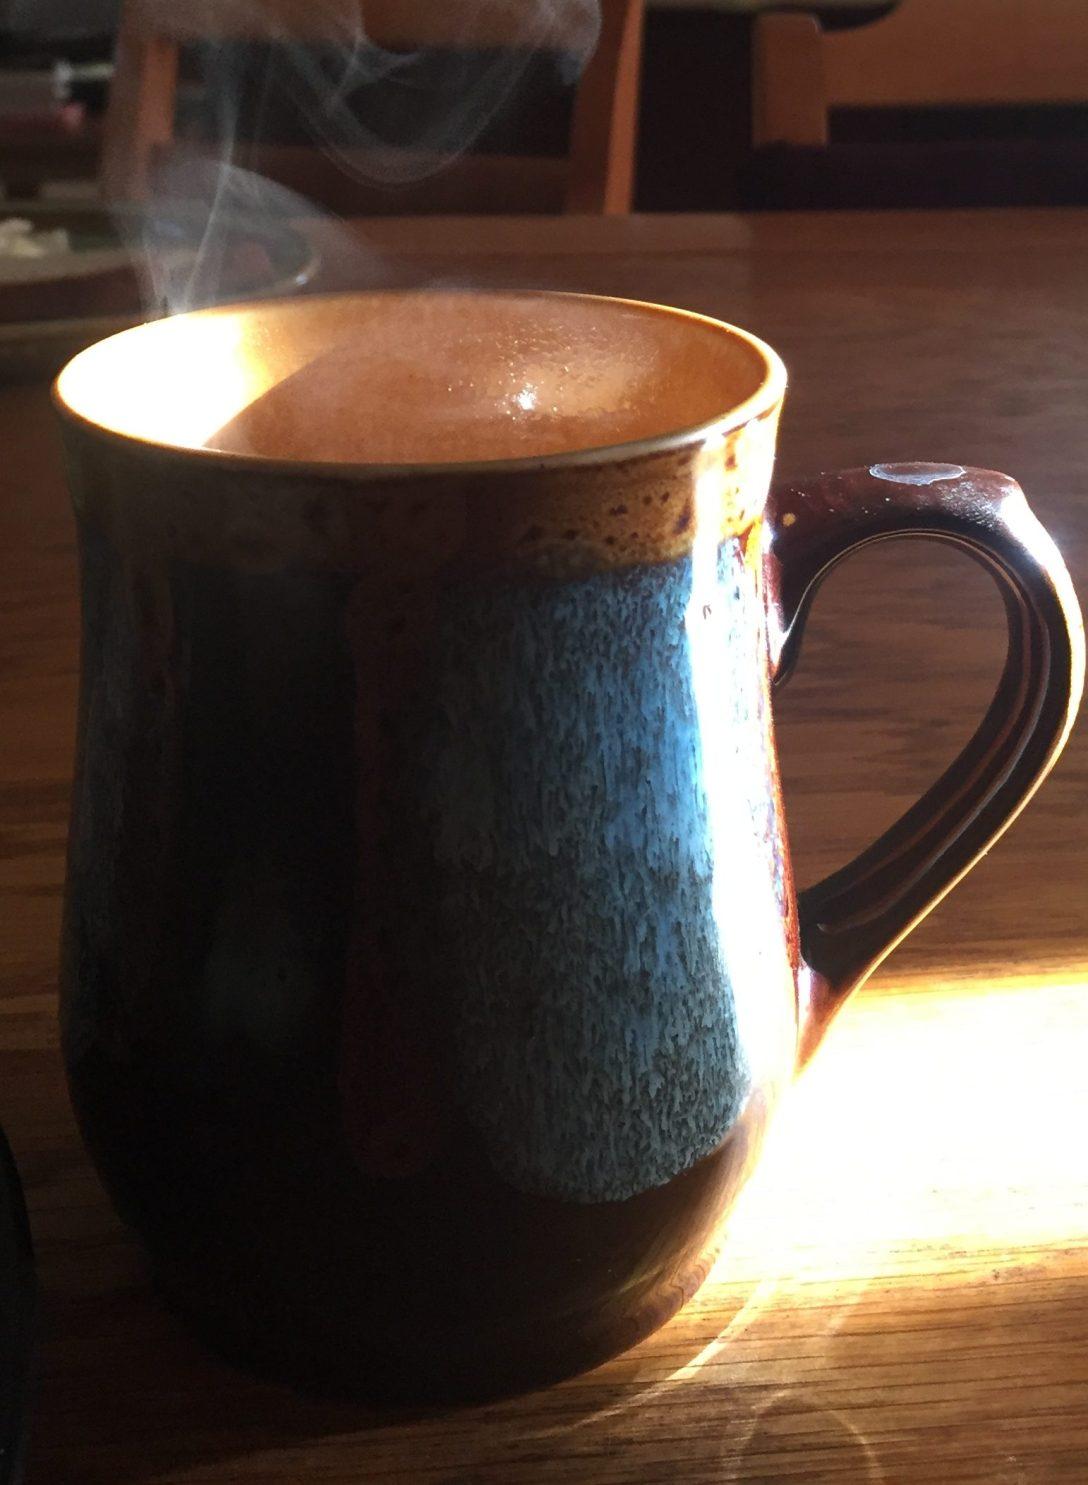 Mug of Cider - Set Up Adventure Story